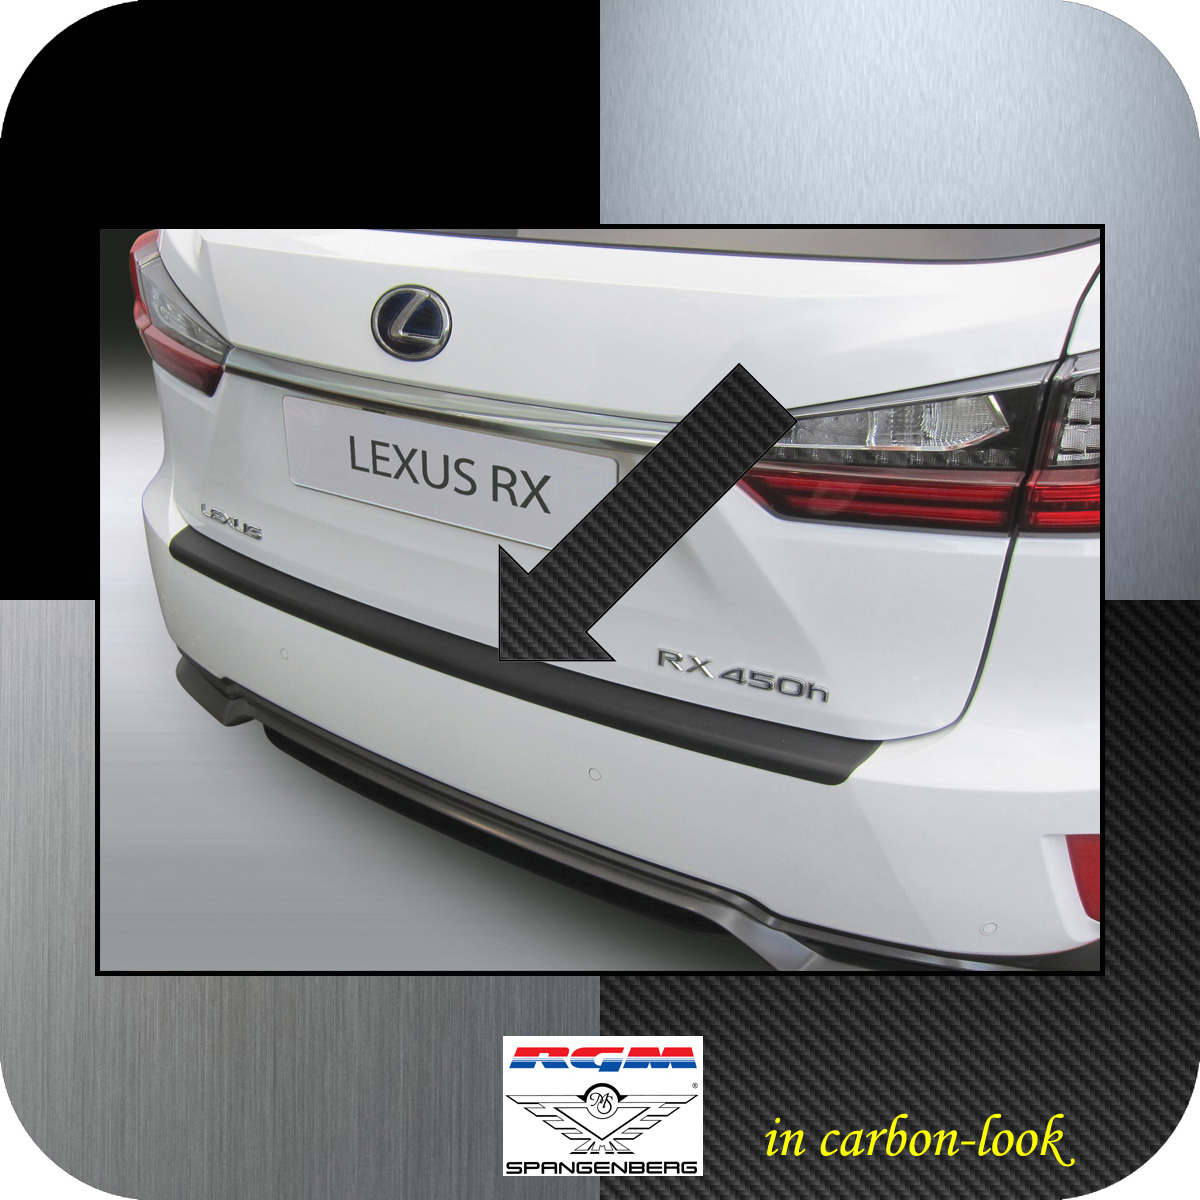 Ladekantenschutz Carbon-Look Lexus RX 200 & 450 SUV ab Baujahr 10.2015- 3509637